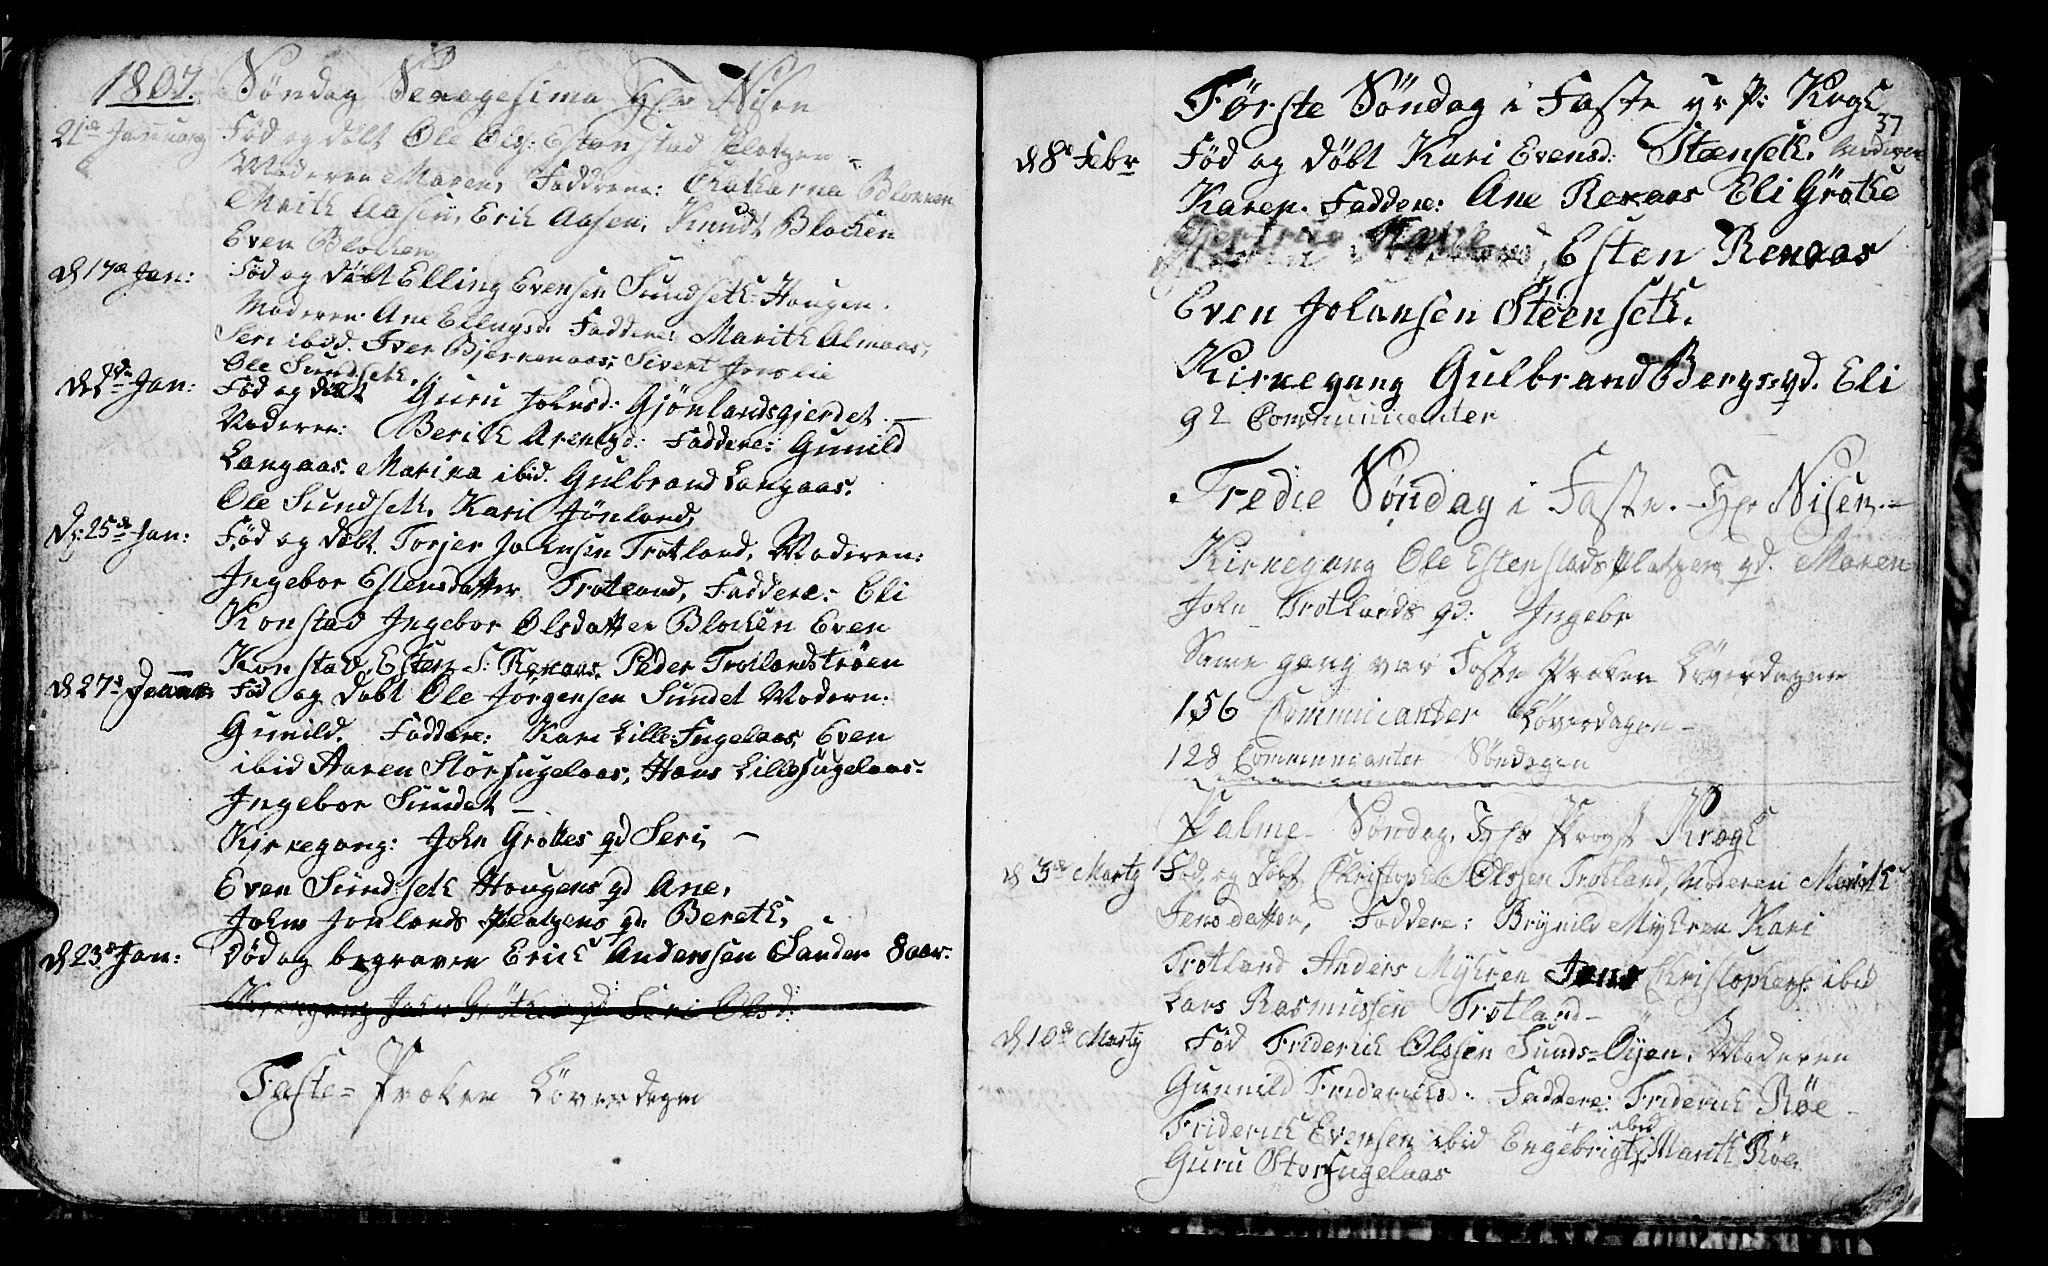 SAT, Ministerialprotokoller, klokkerbøker og fødselsregistre - Sør-Trøndelag, 694/L1129: Klokkerbok nr. 694C01, 1793-1815, s. 37